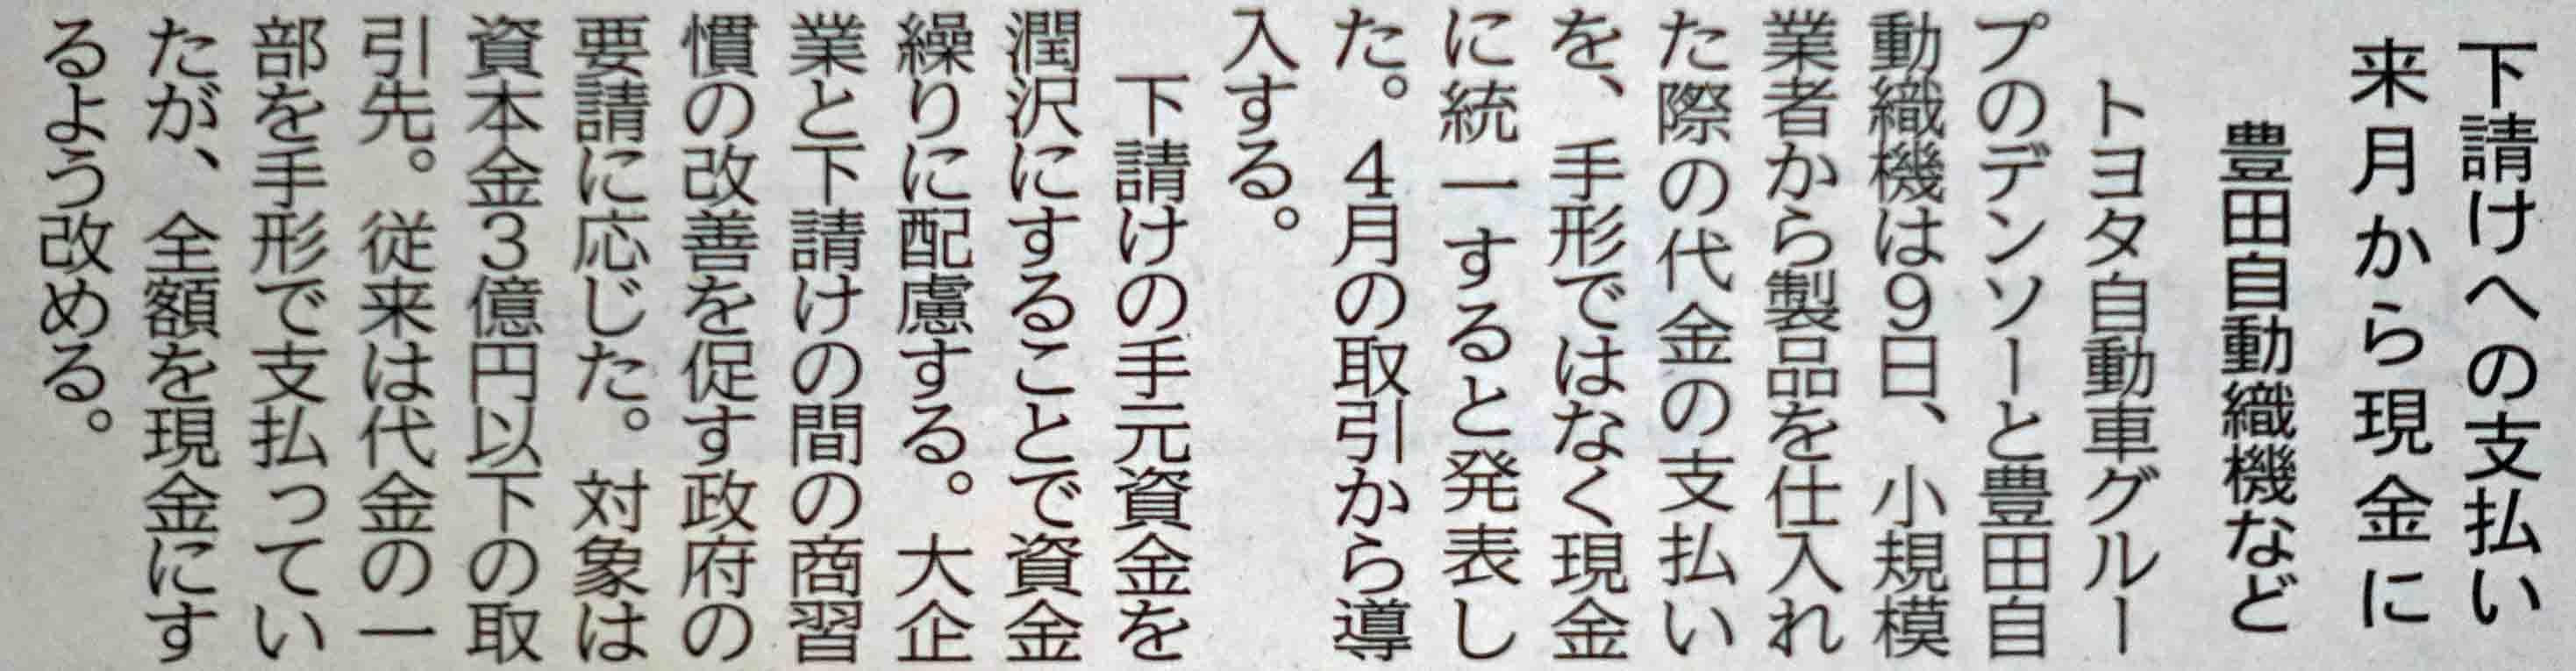 静岡新聞_トヨタ自動織機現金払い